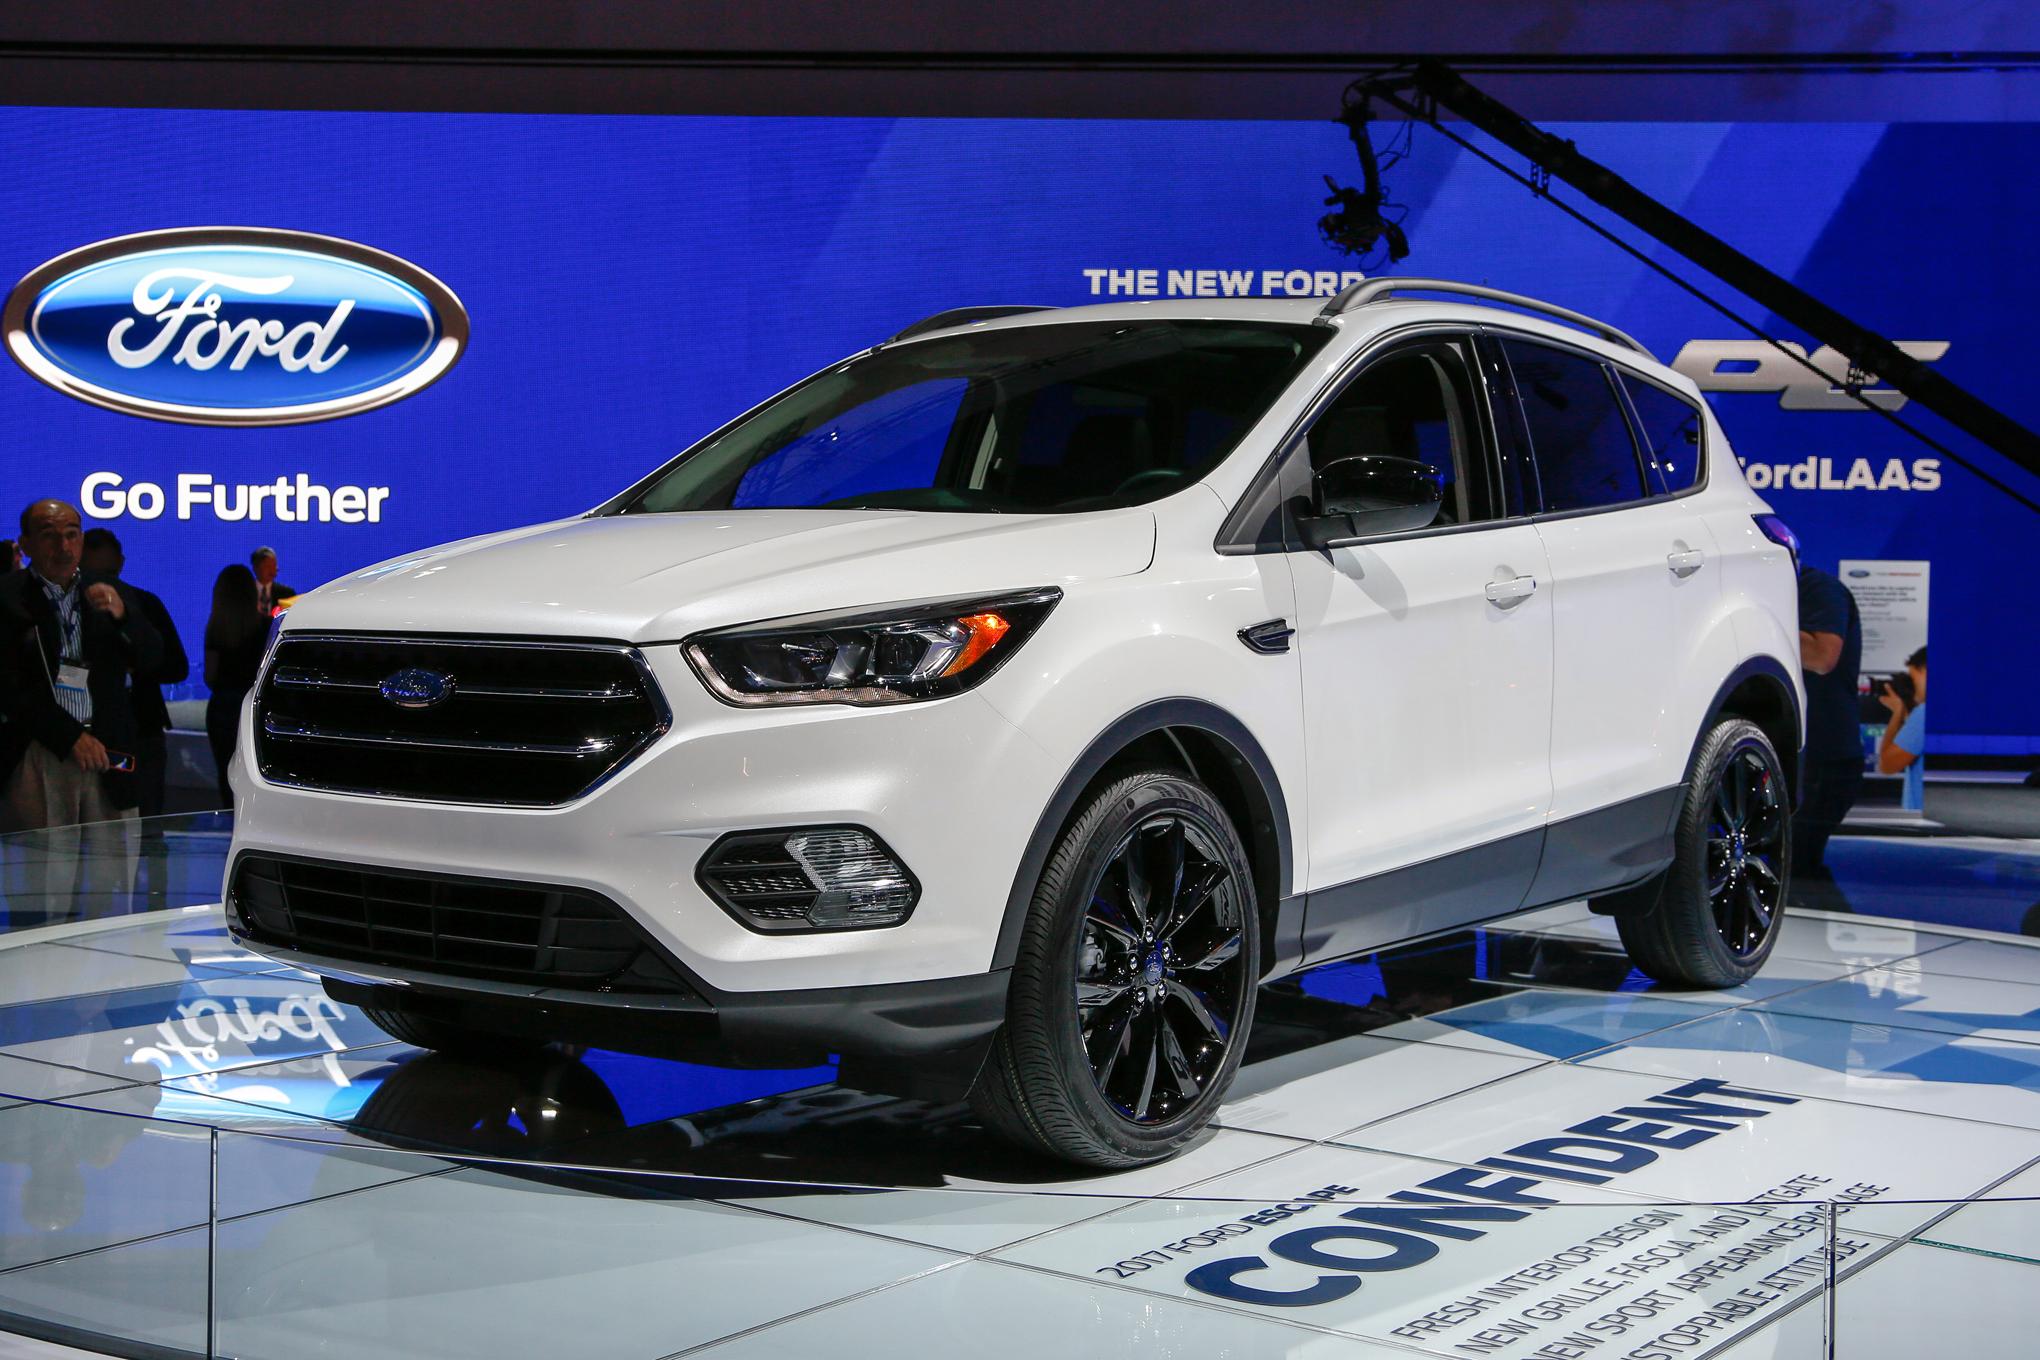 brand new Ford escape at the Alpharetta GA car show